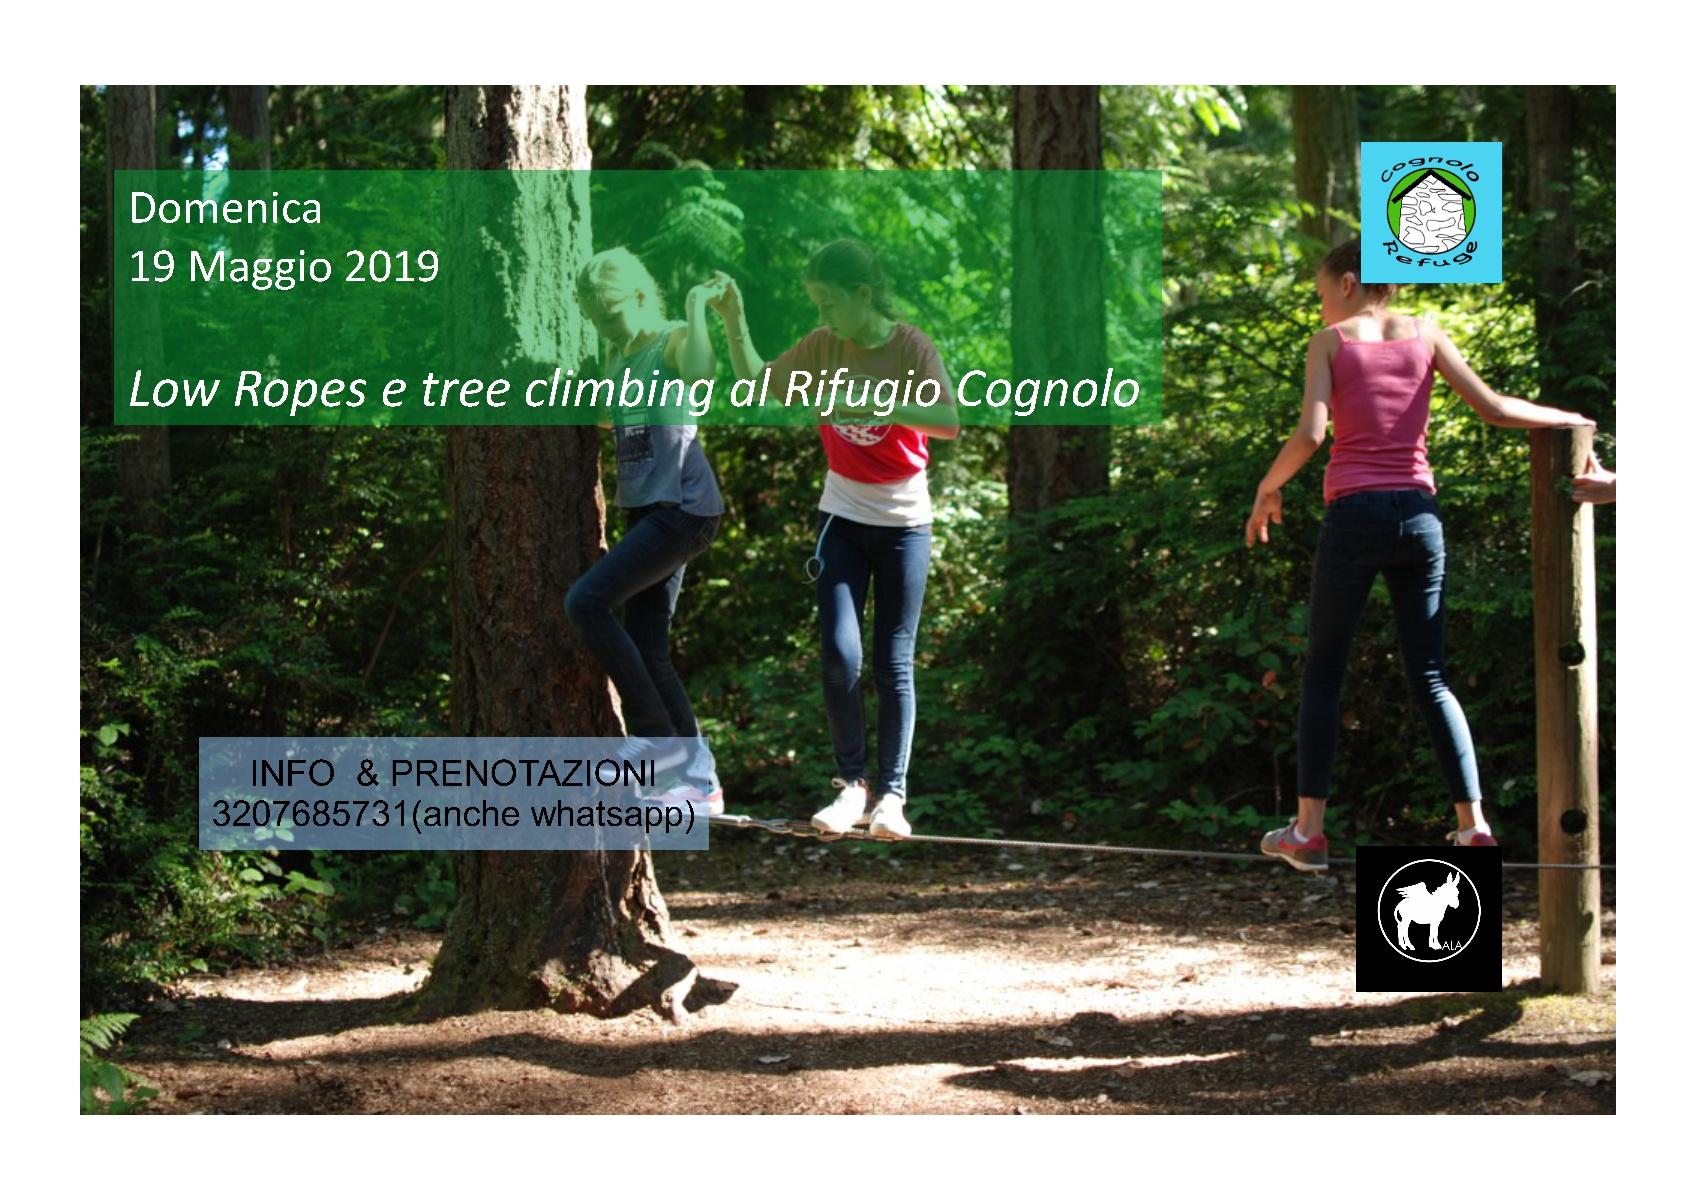 Low ropes and tree climbing al Rifugio Cognolo - eventi in sabina